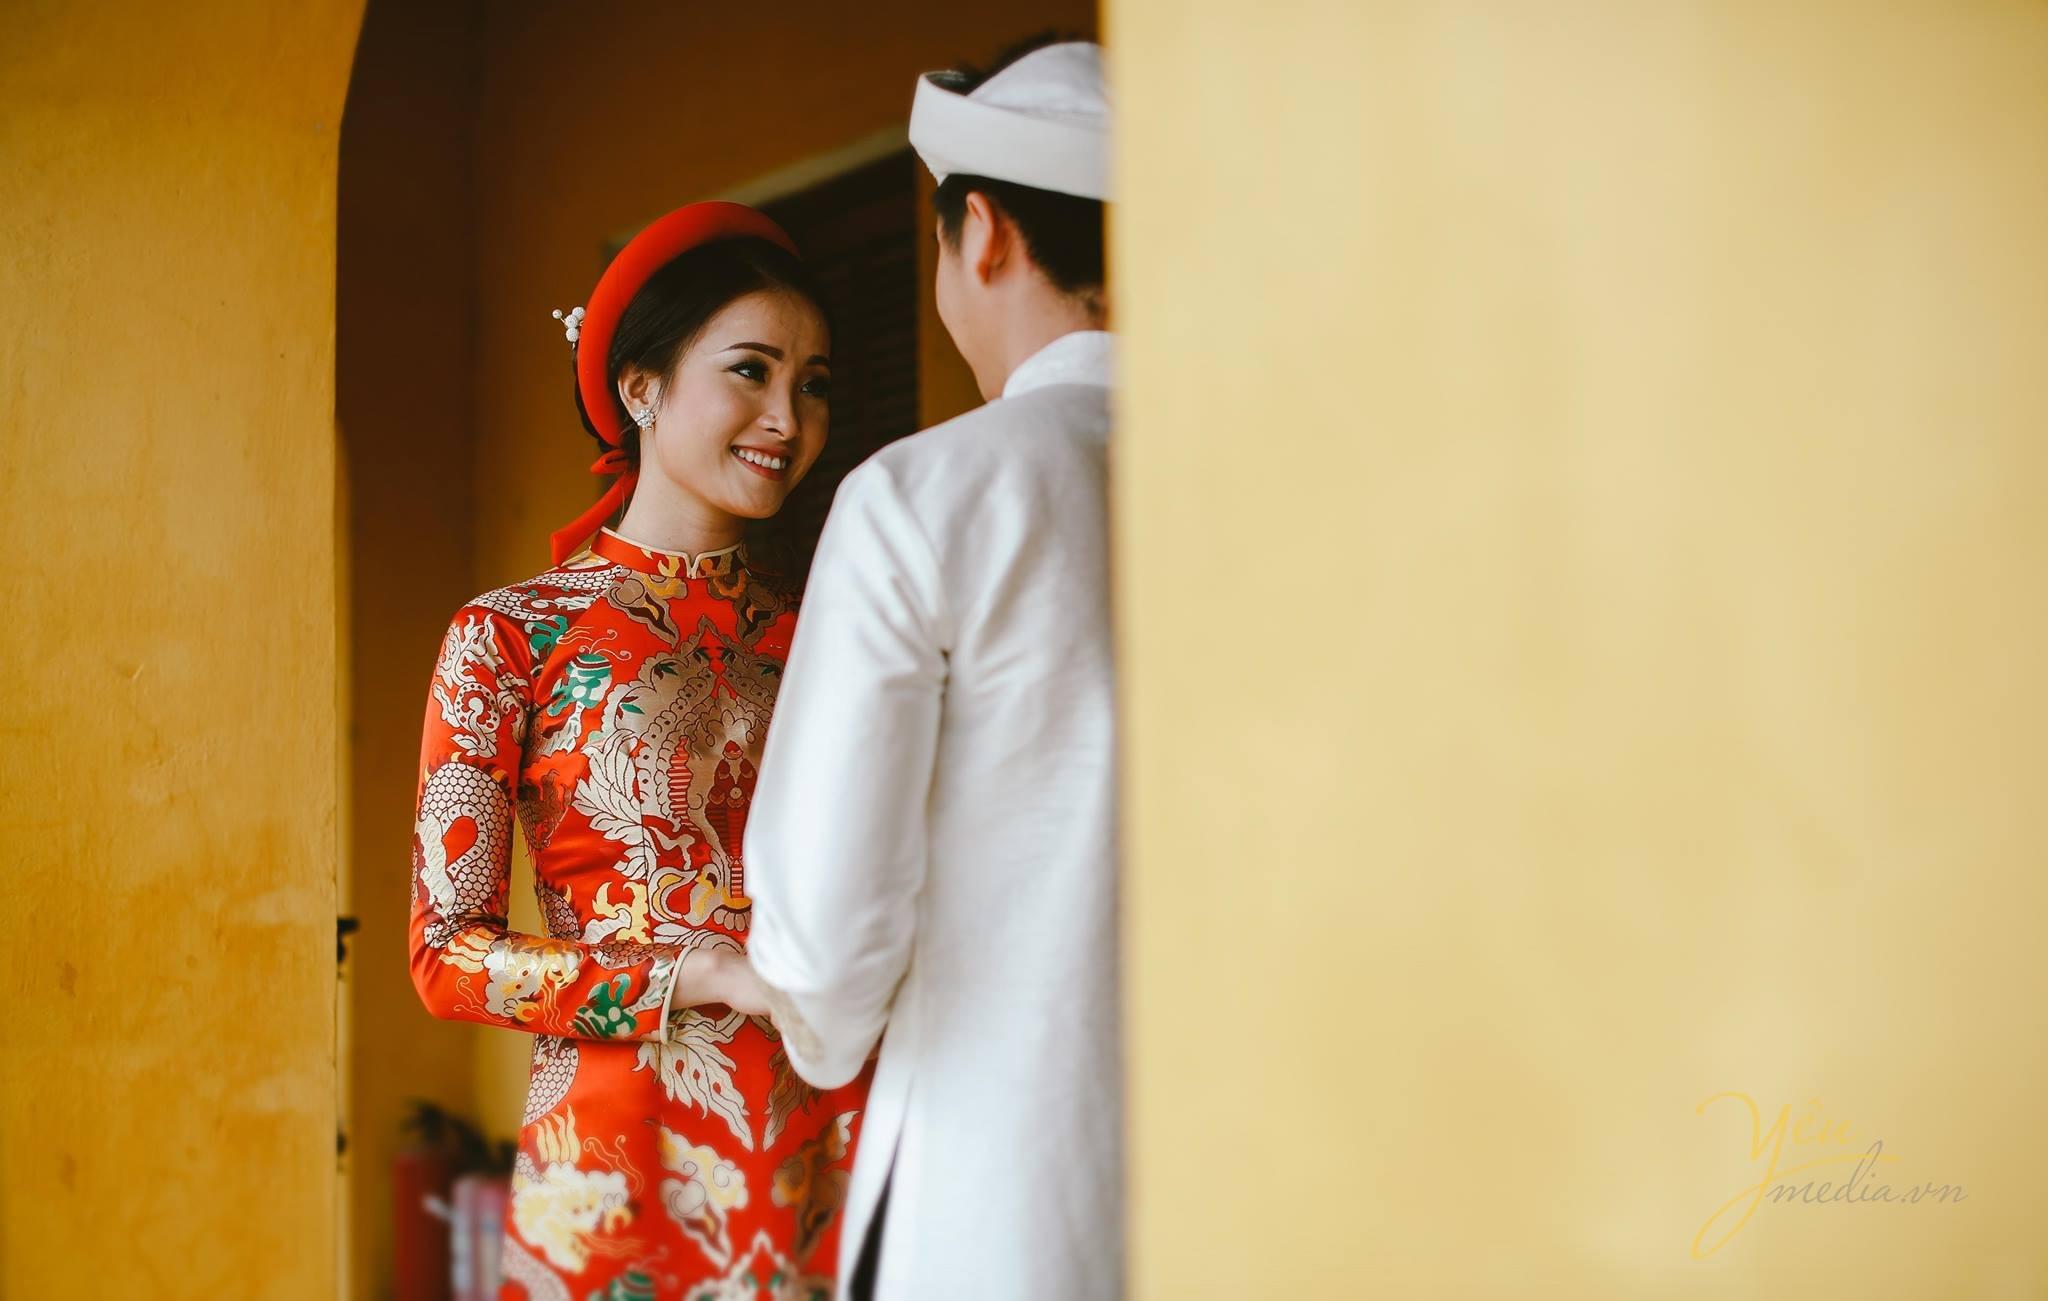 ảnh cưới áo dài gấm đỏ cô dâu chú rể nhìn nhau tình tứ